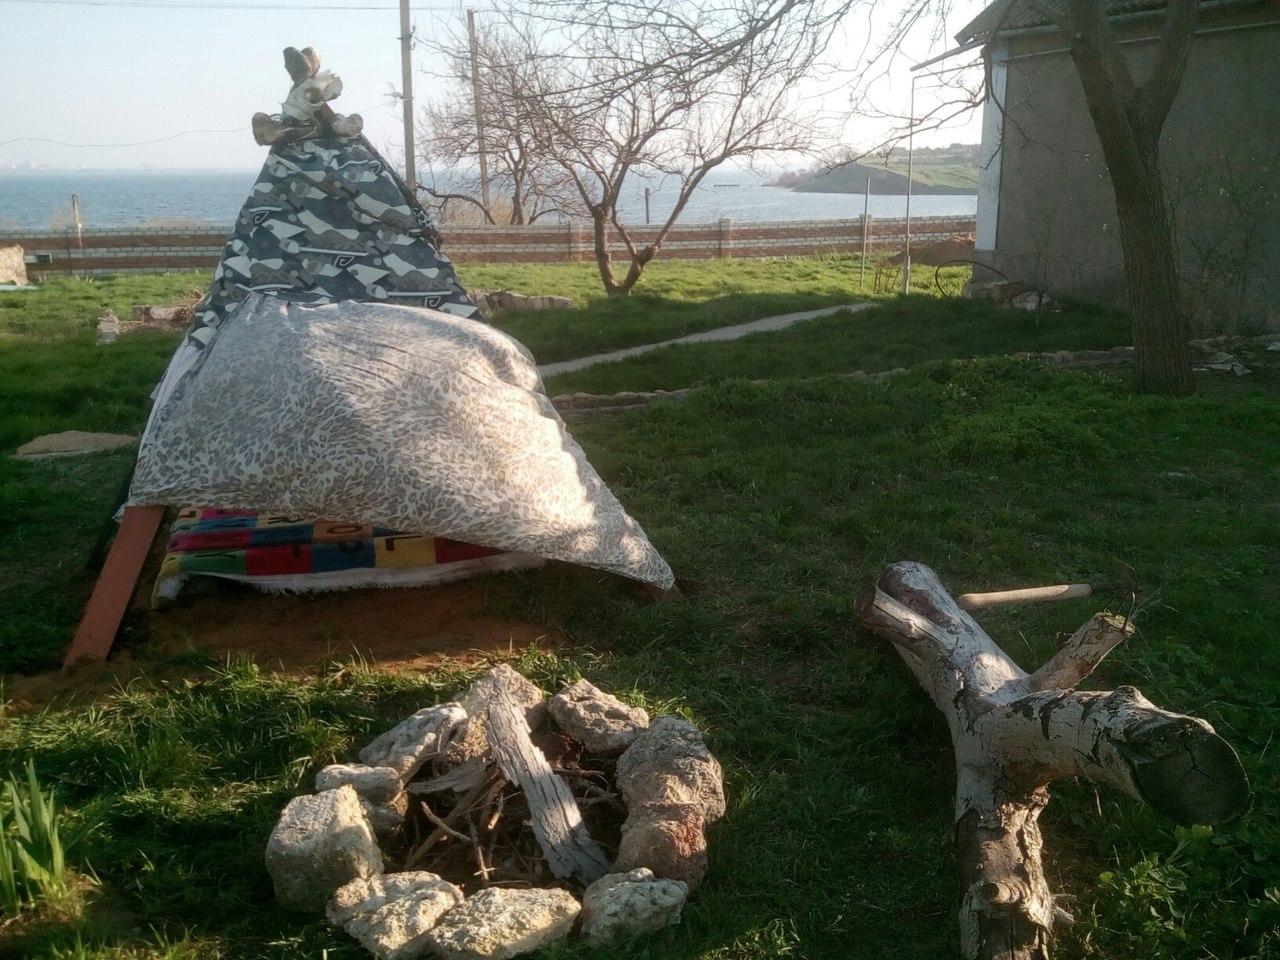 Пейзажное фото место ФигВам на Ферме Шполянских